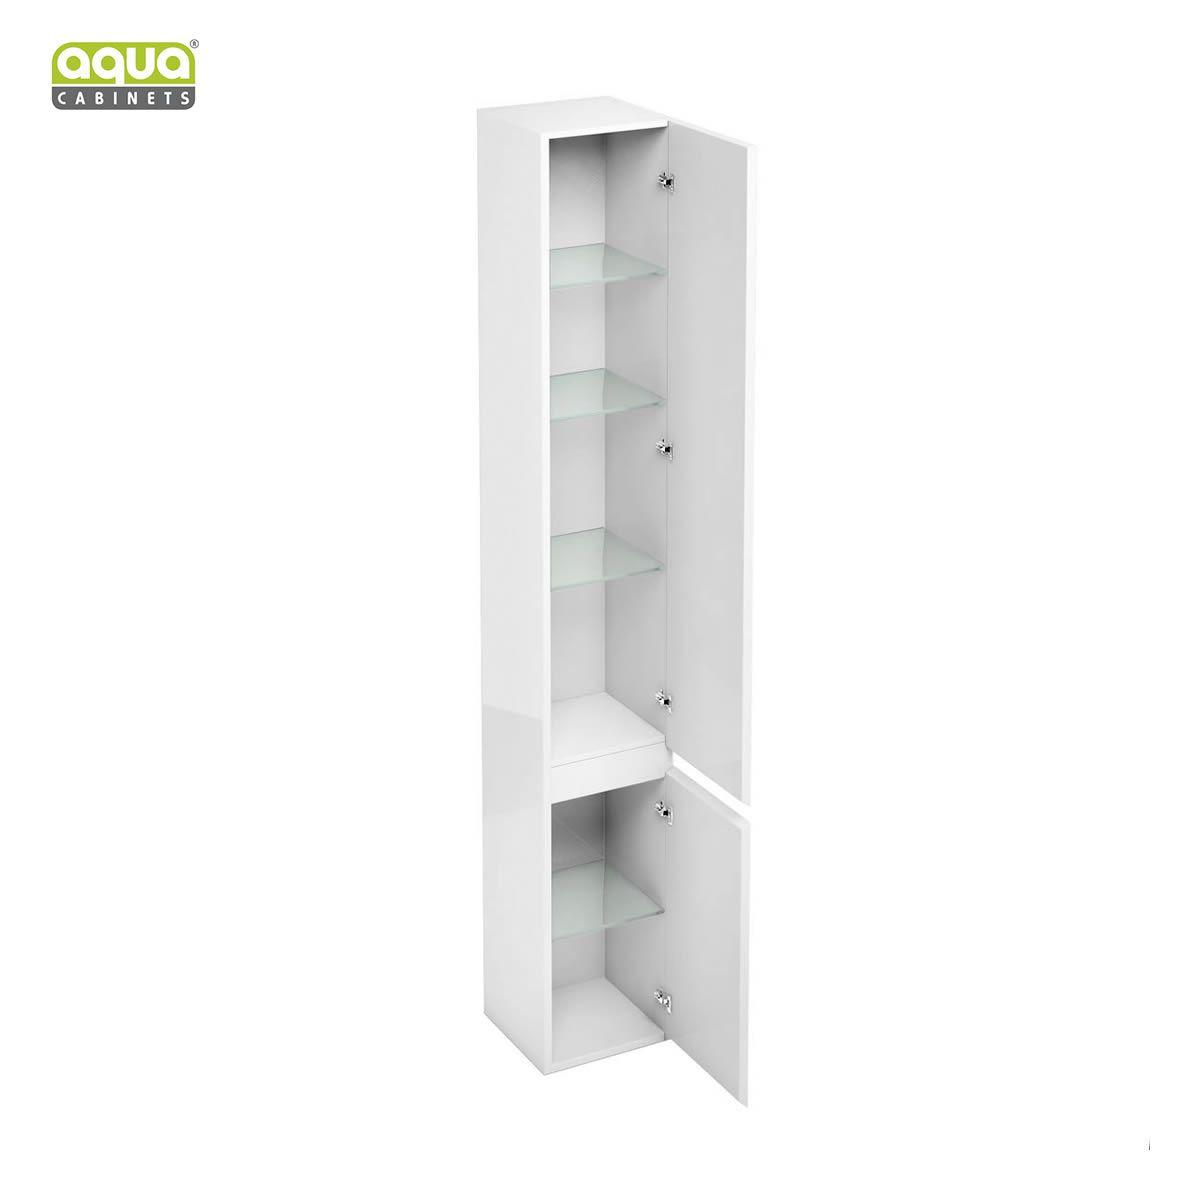 Aqua Cabinets D300 Tall Storage Unit